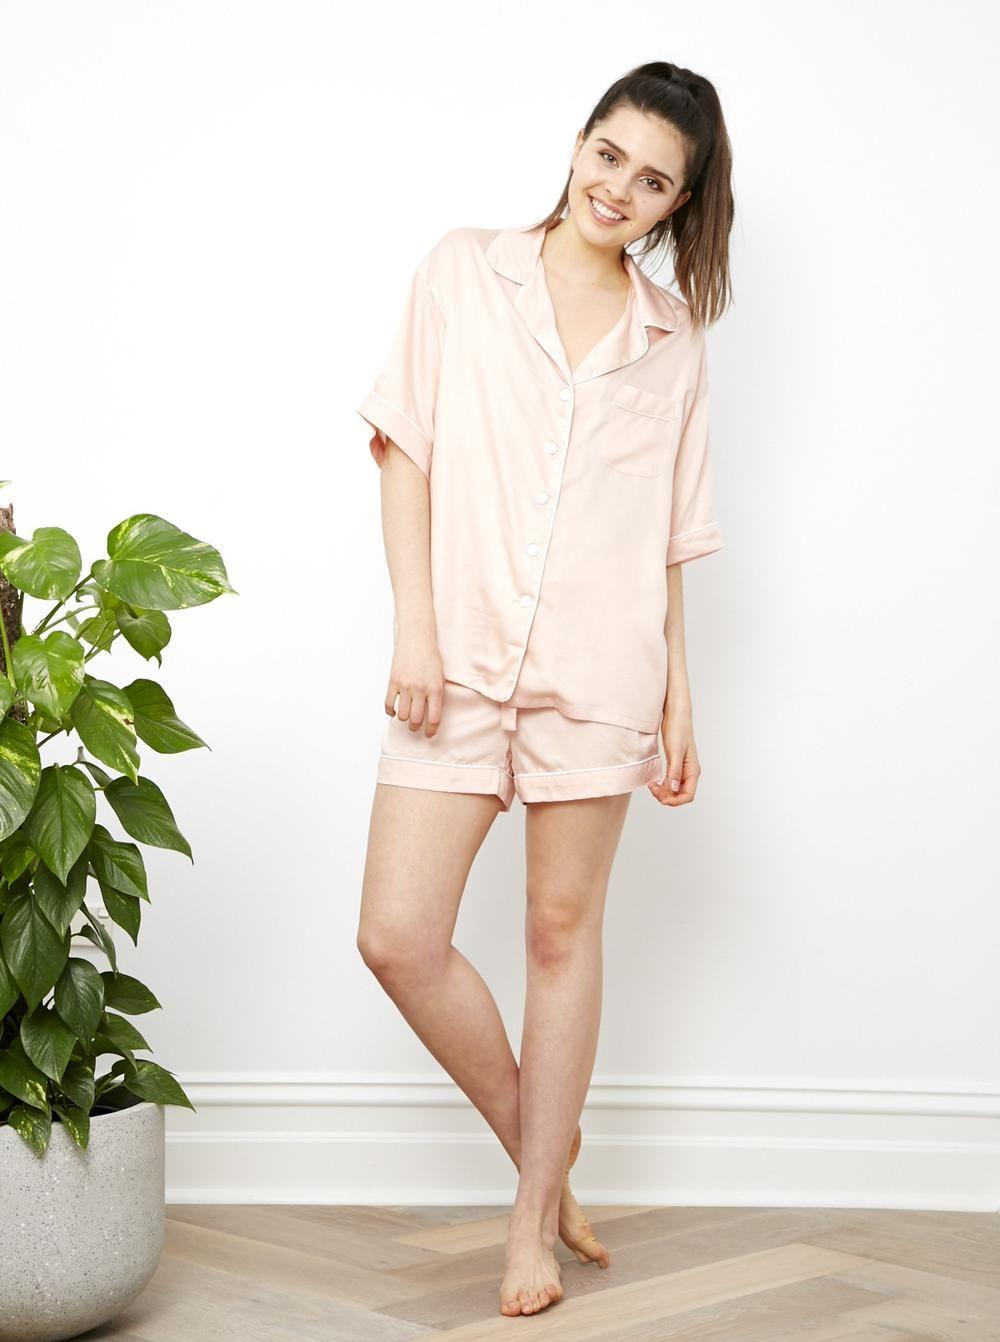 Cloud Pink Pj Shorts by ettitude.com.au    Street Style Pjs + Bedtime Pjs df90c3ce1